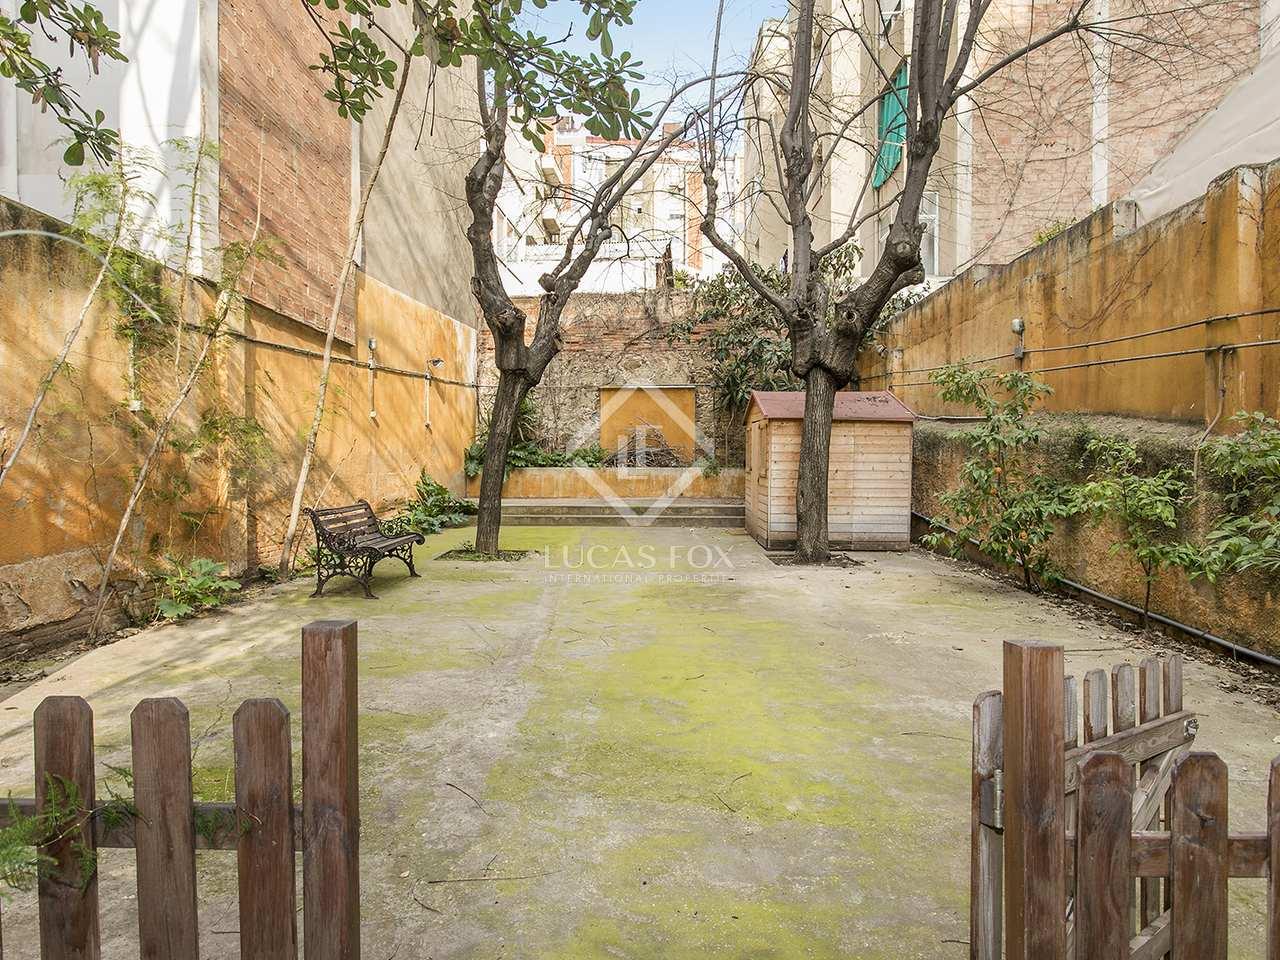 Appartement de 190m a louer gr cia avec 200m de jardin - Appartement a louer avec jardin ...